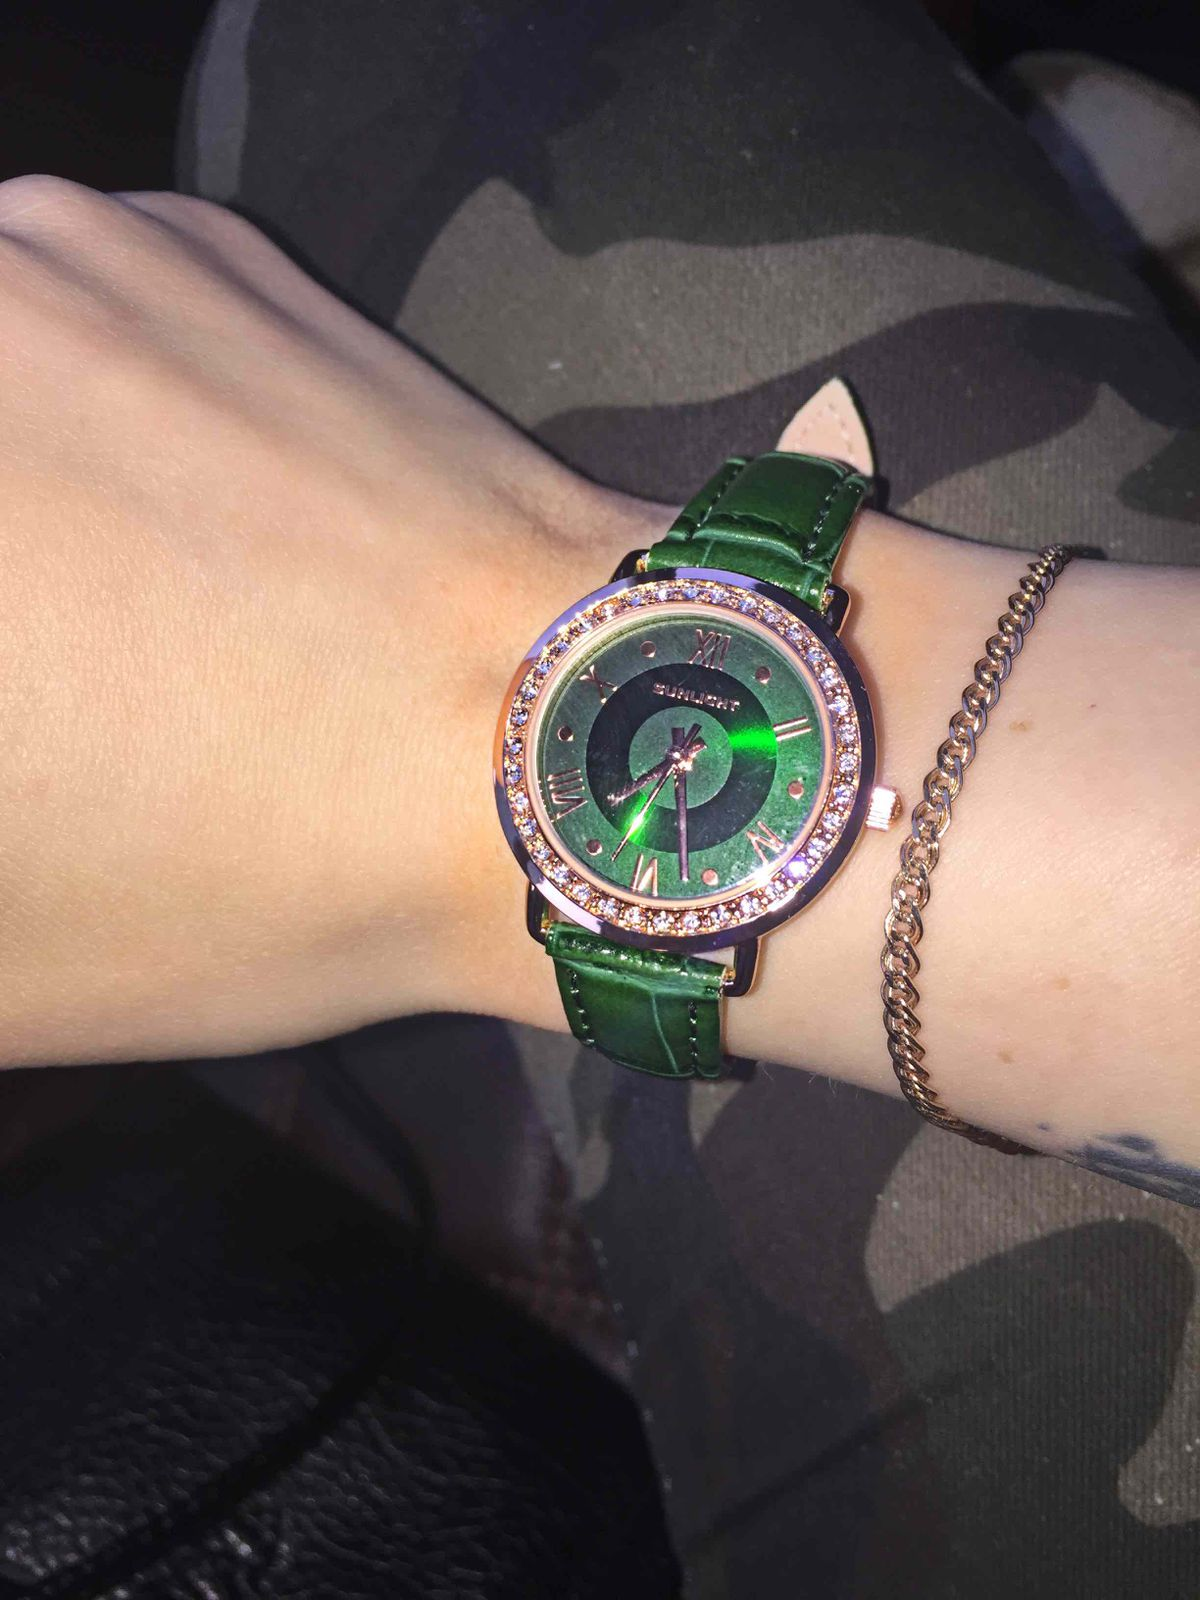 Женские часы с кристаллами на кожанном ремешке.